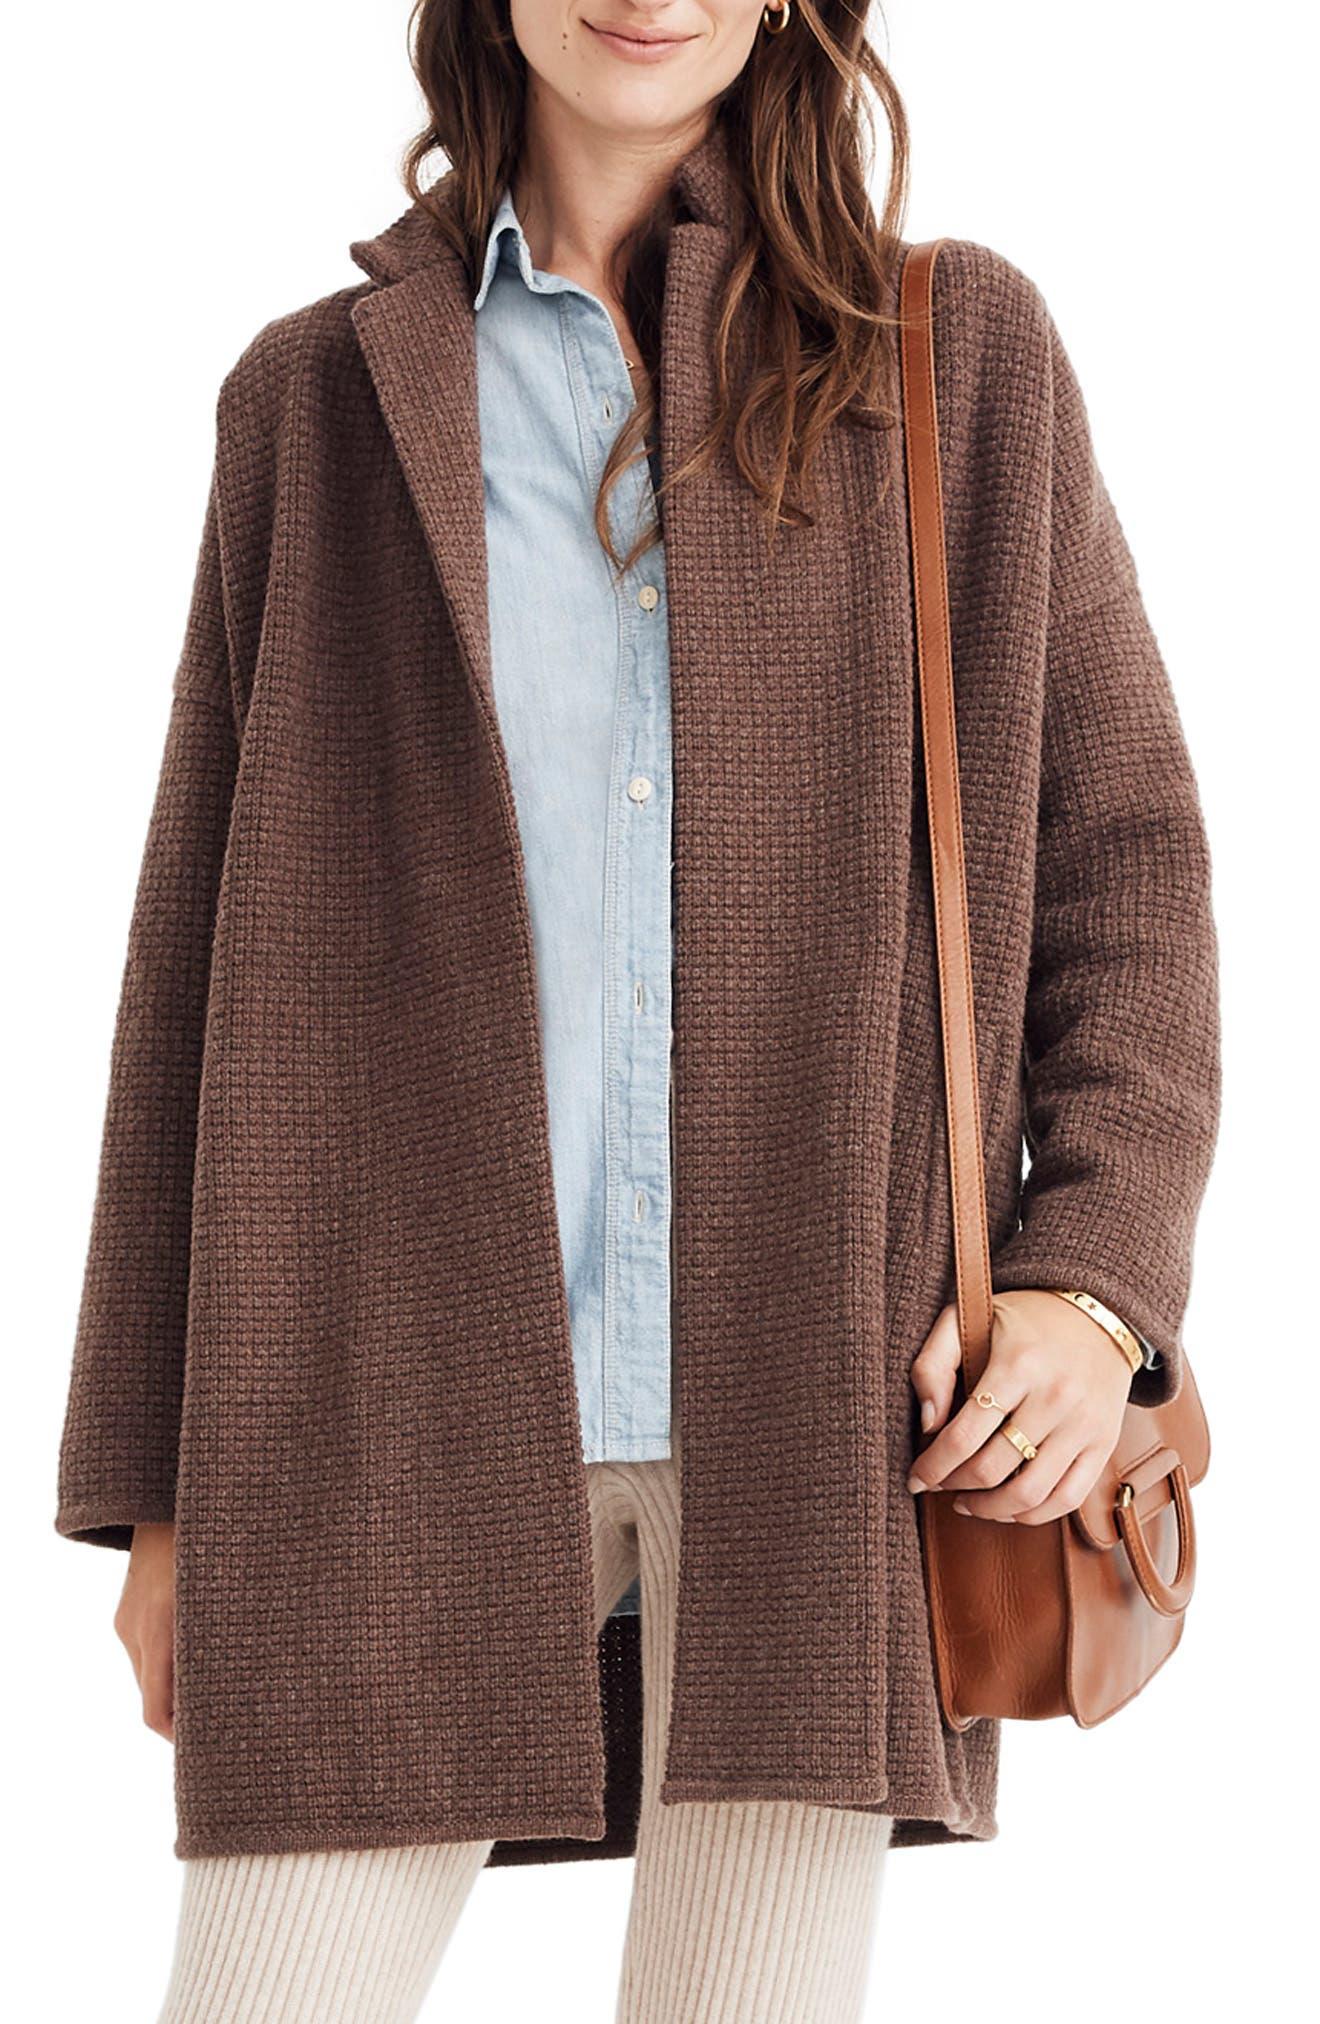 Chilton Sweater Coat,                         Main,                         color, HEATHER COCOA